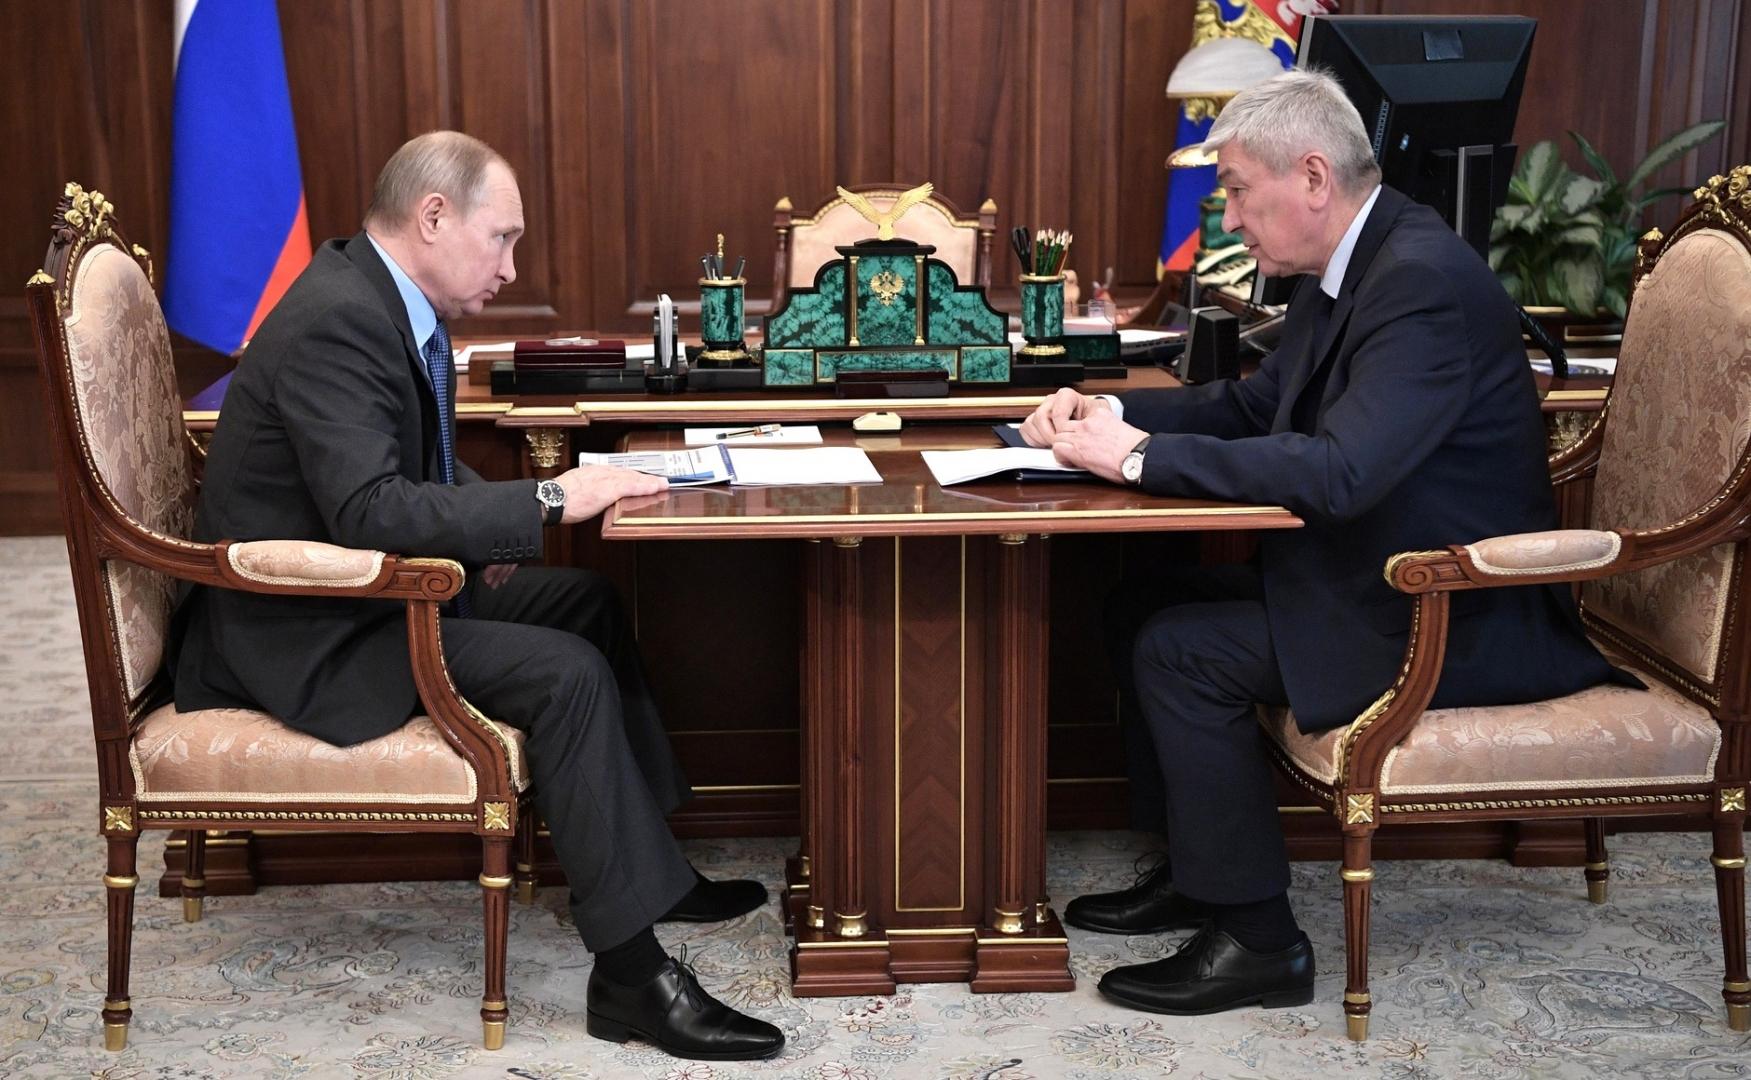 Встреча Владимира Путина с главой Росфинмониторинга Юрием Чиханчиным